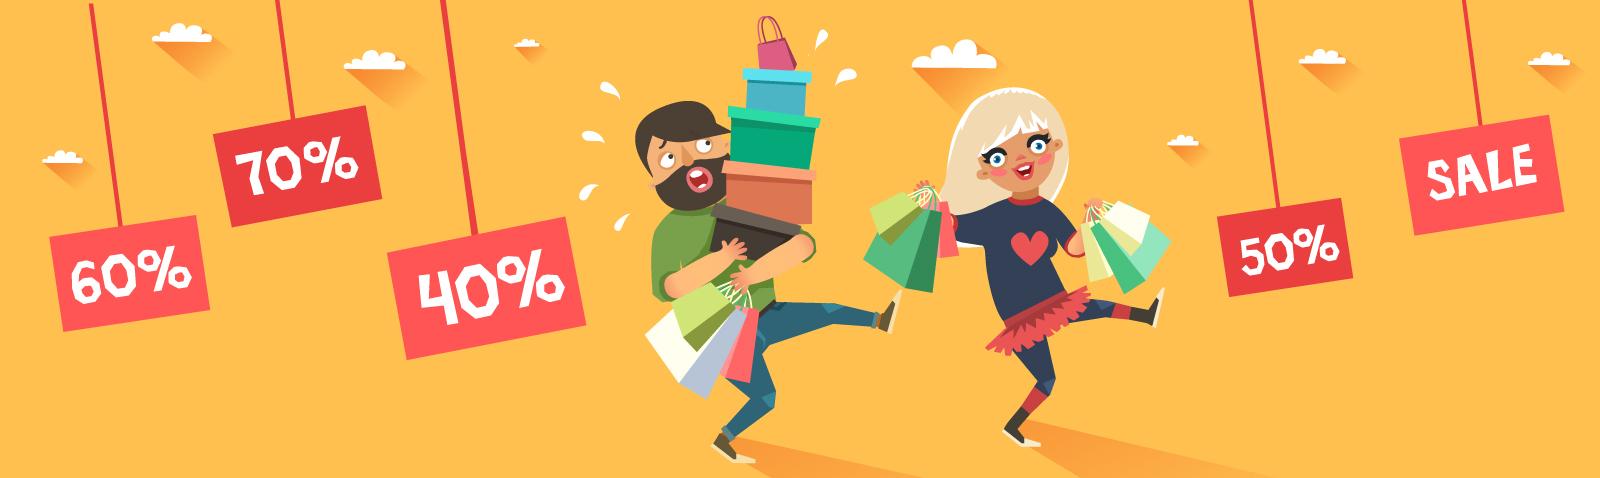 Promociones_decision_de_compra